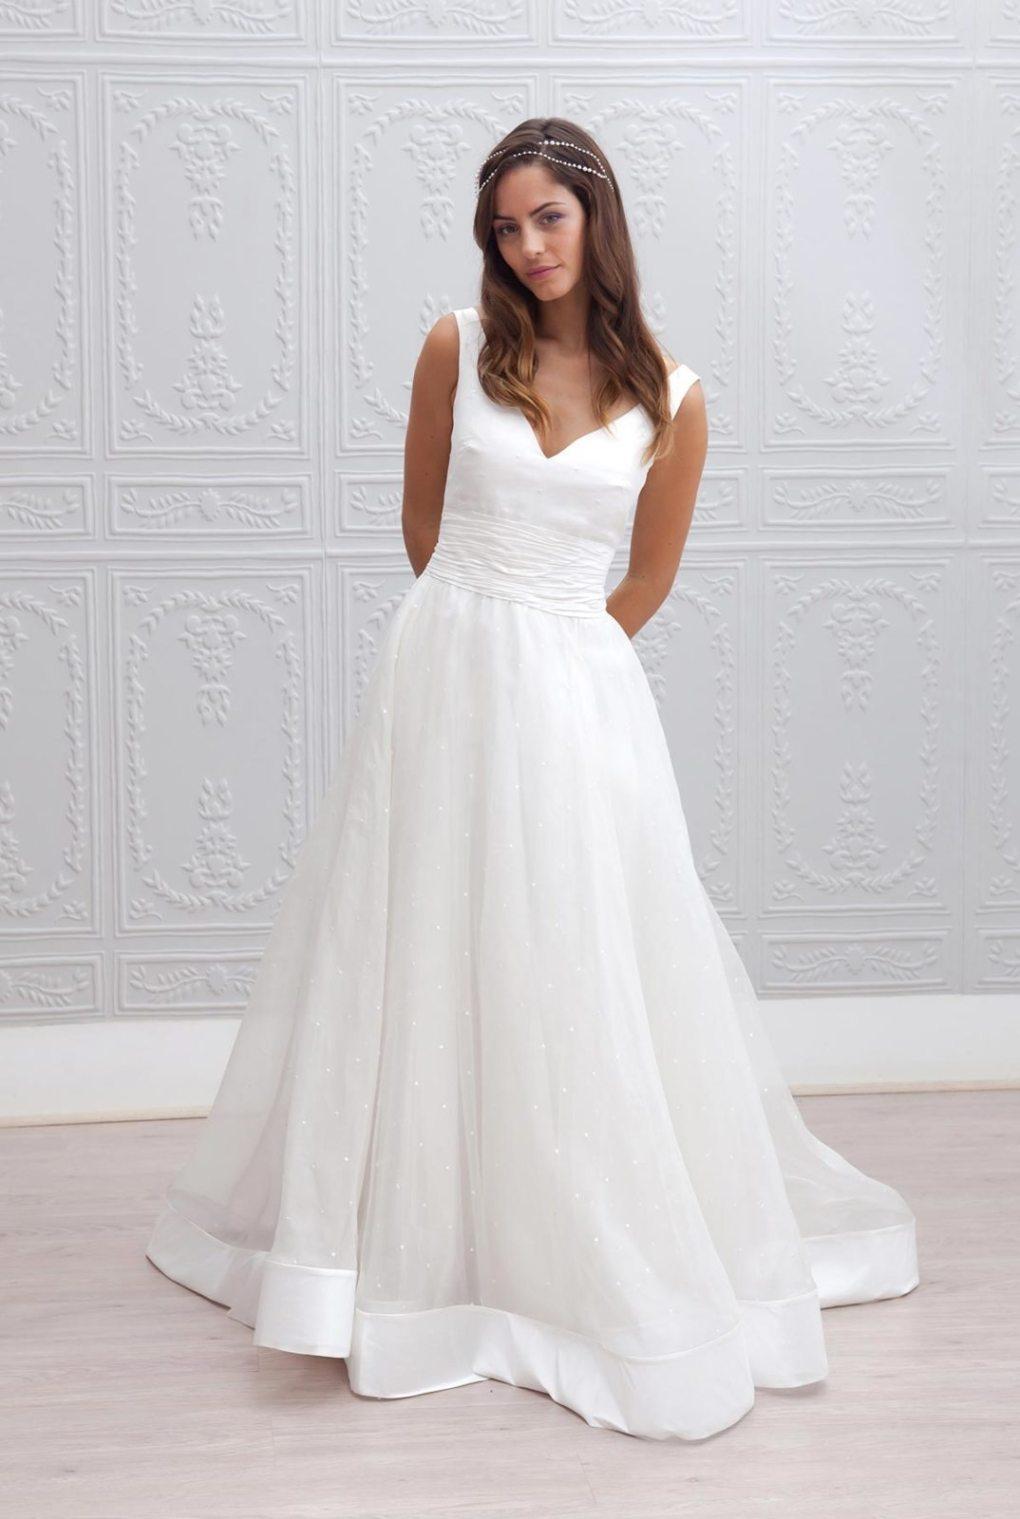 0e0c9c029be Retrouvez tous les modèles de robes de mariée sur le site de Marie Laporte.  Find all the wedding dresses models on the site of Marie Laporte.